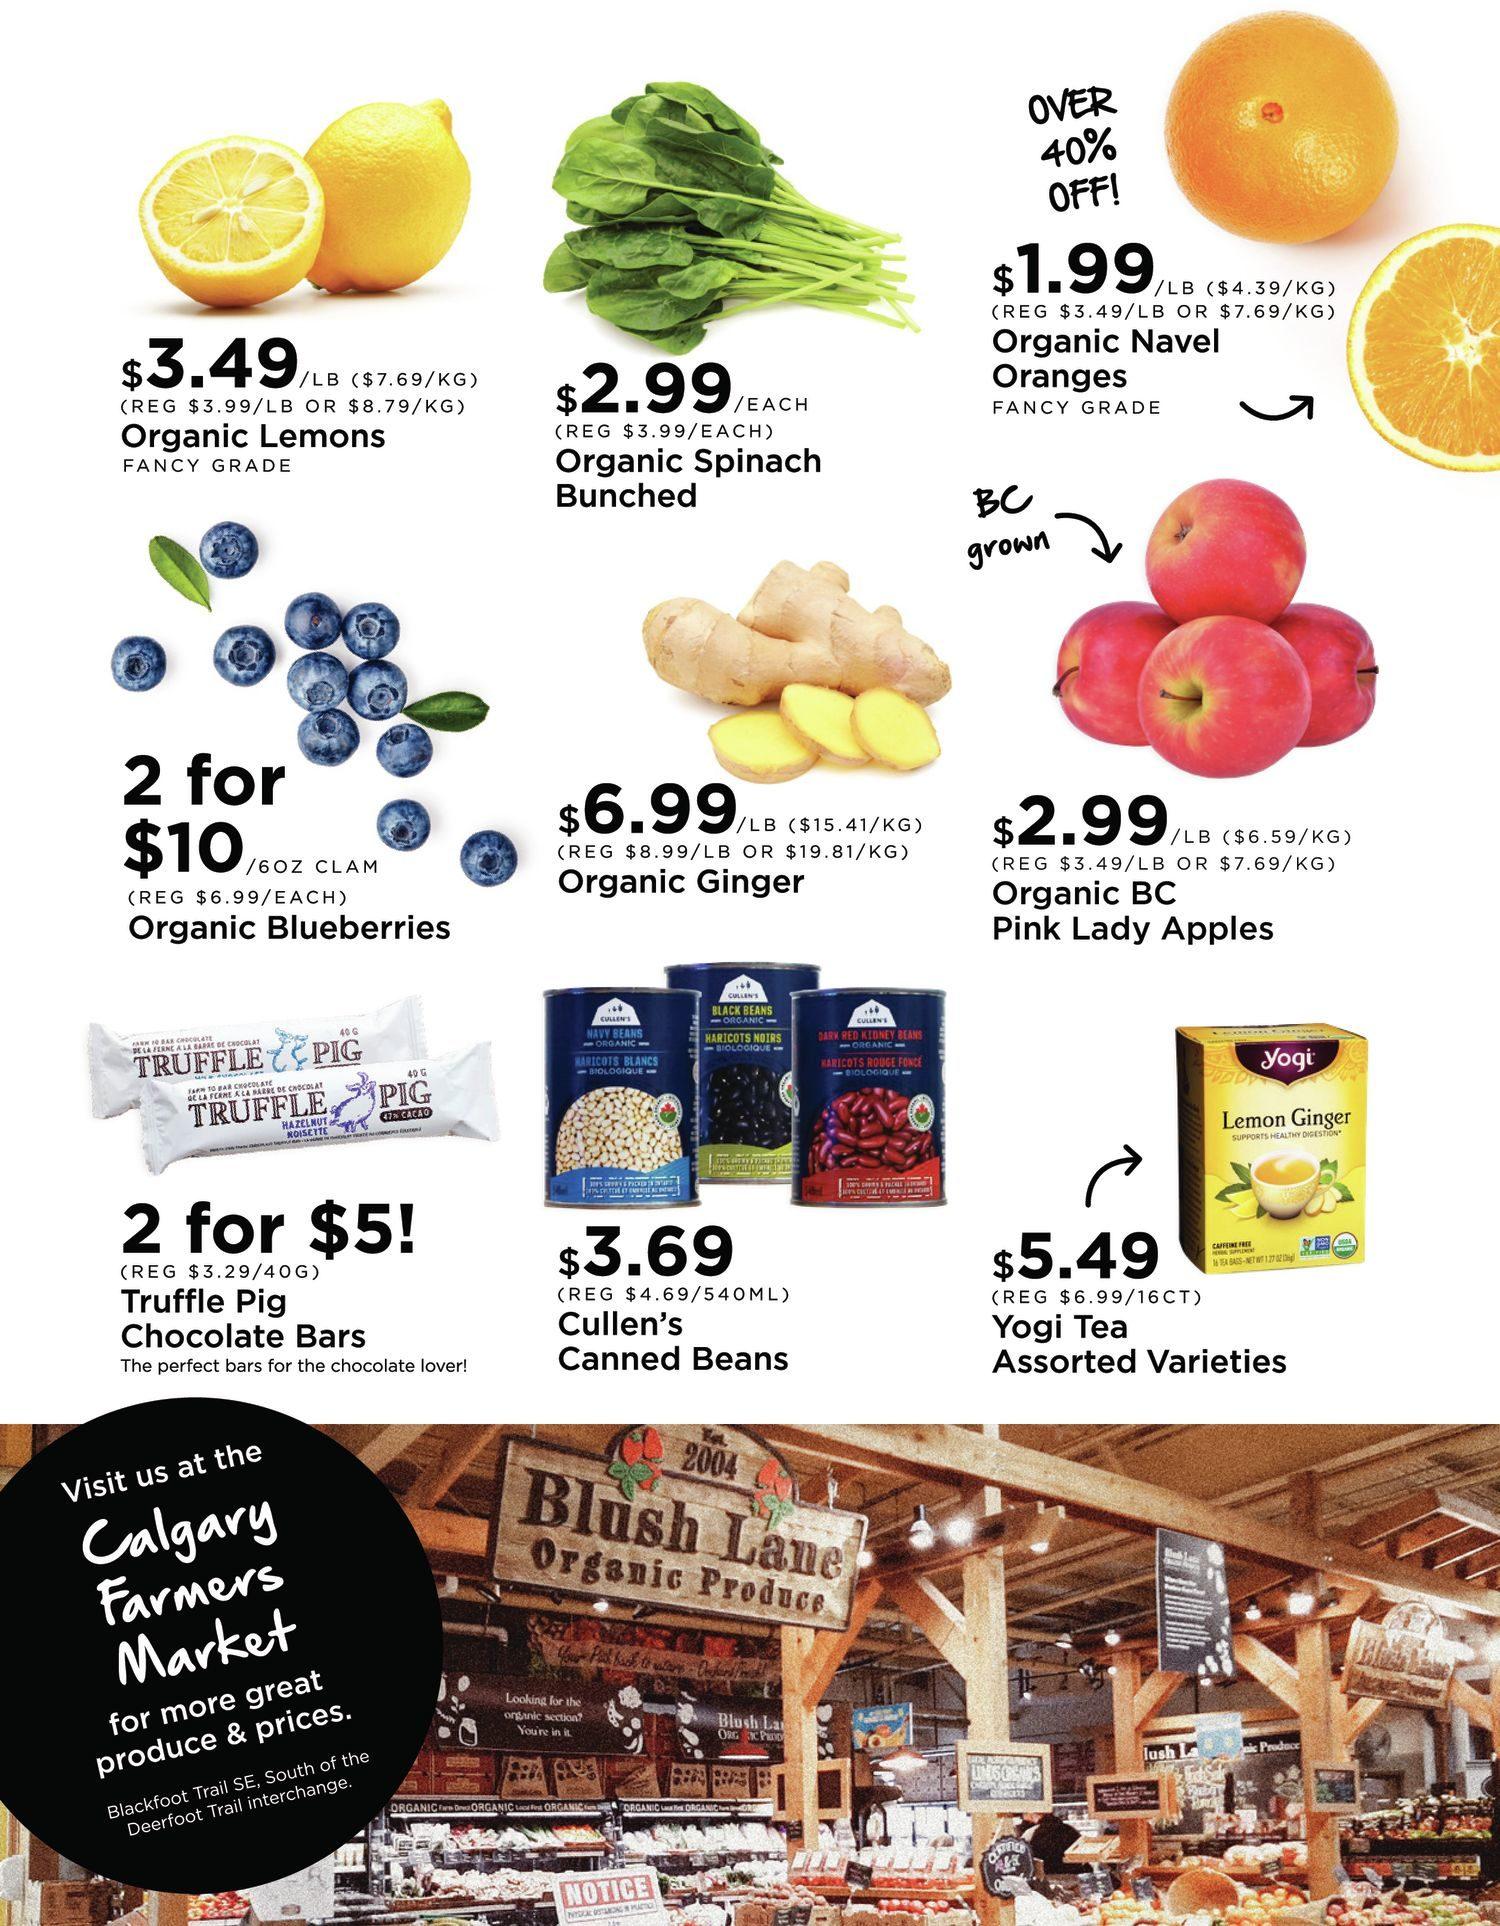 Blush Lane Organic Market - 2 Weeks of Savings - Page 3